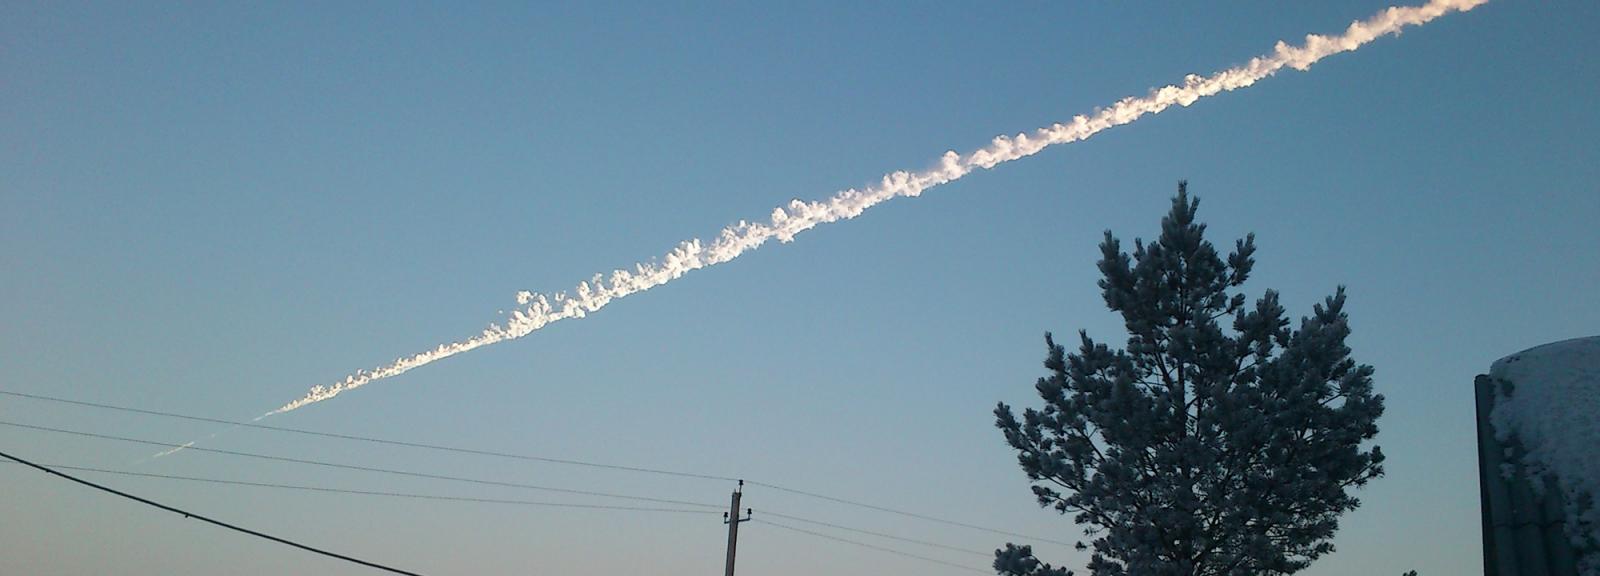 Trace du météore de Tcheliabinsk, deux à trois minutes après son explosion (Russie, 2013) © Константин Кудинов  / CC BY-SA 3.0